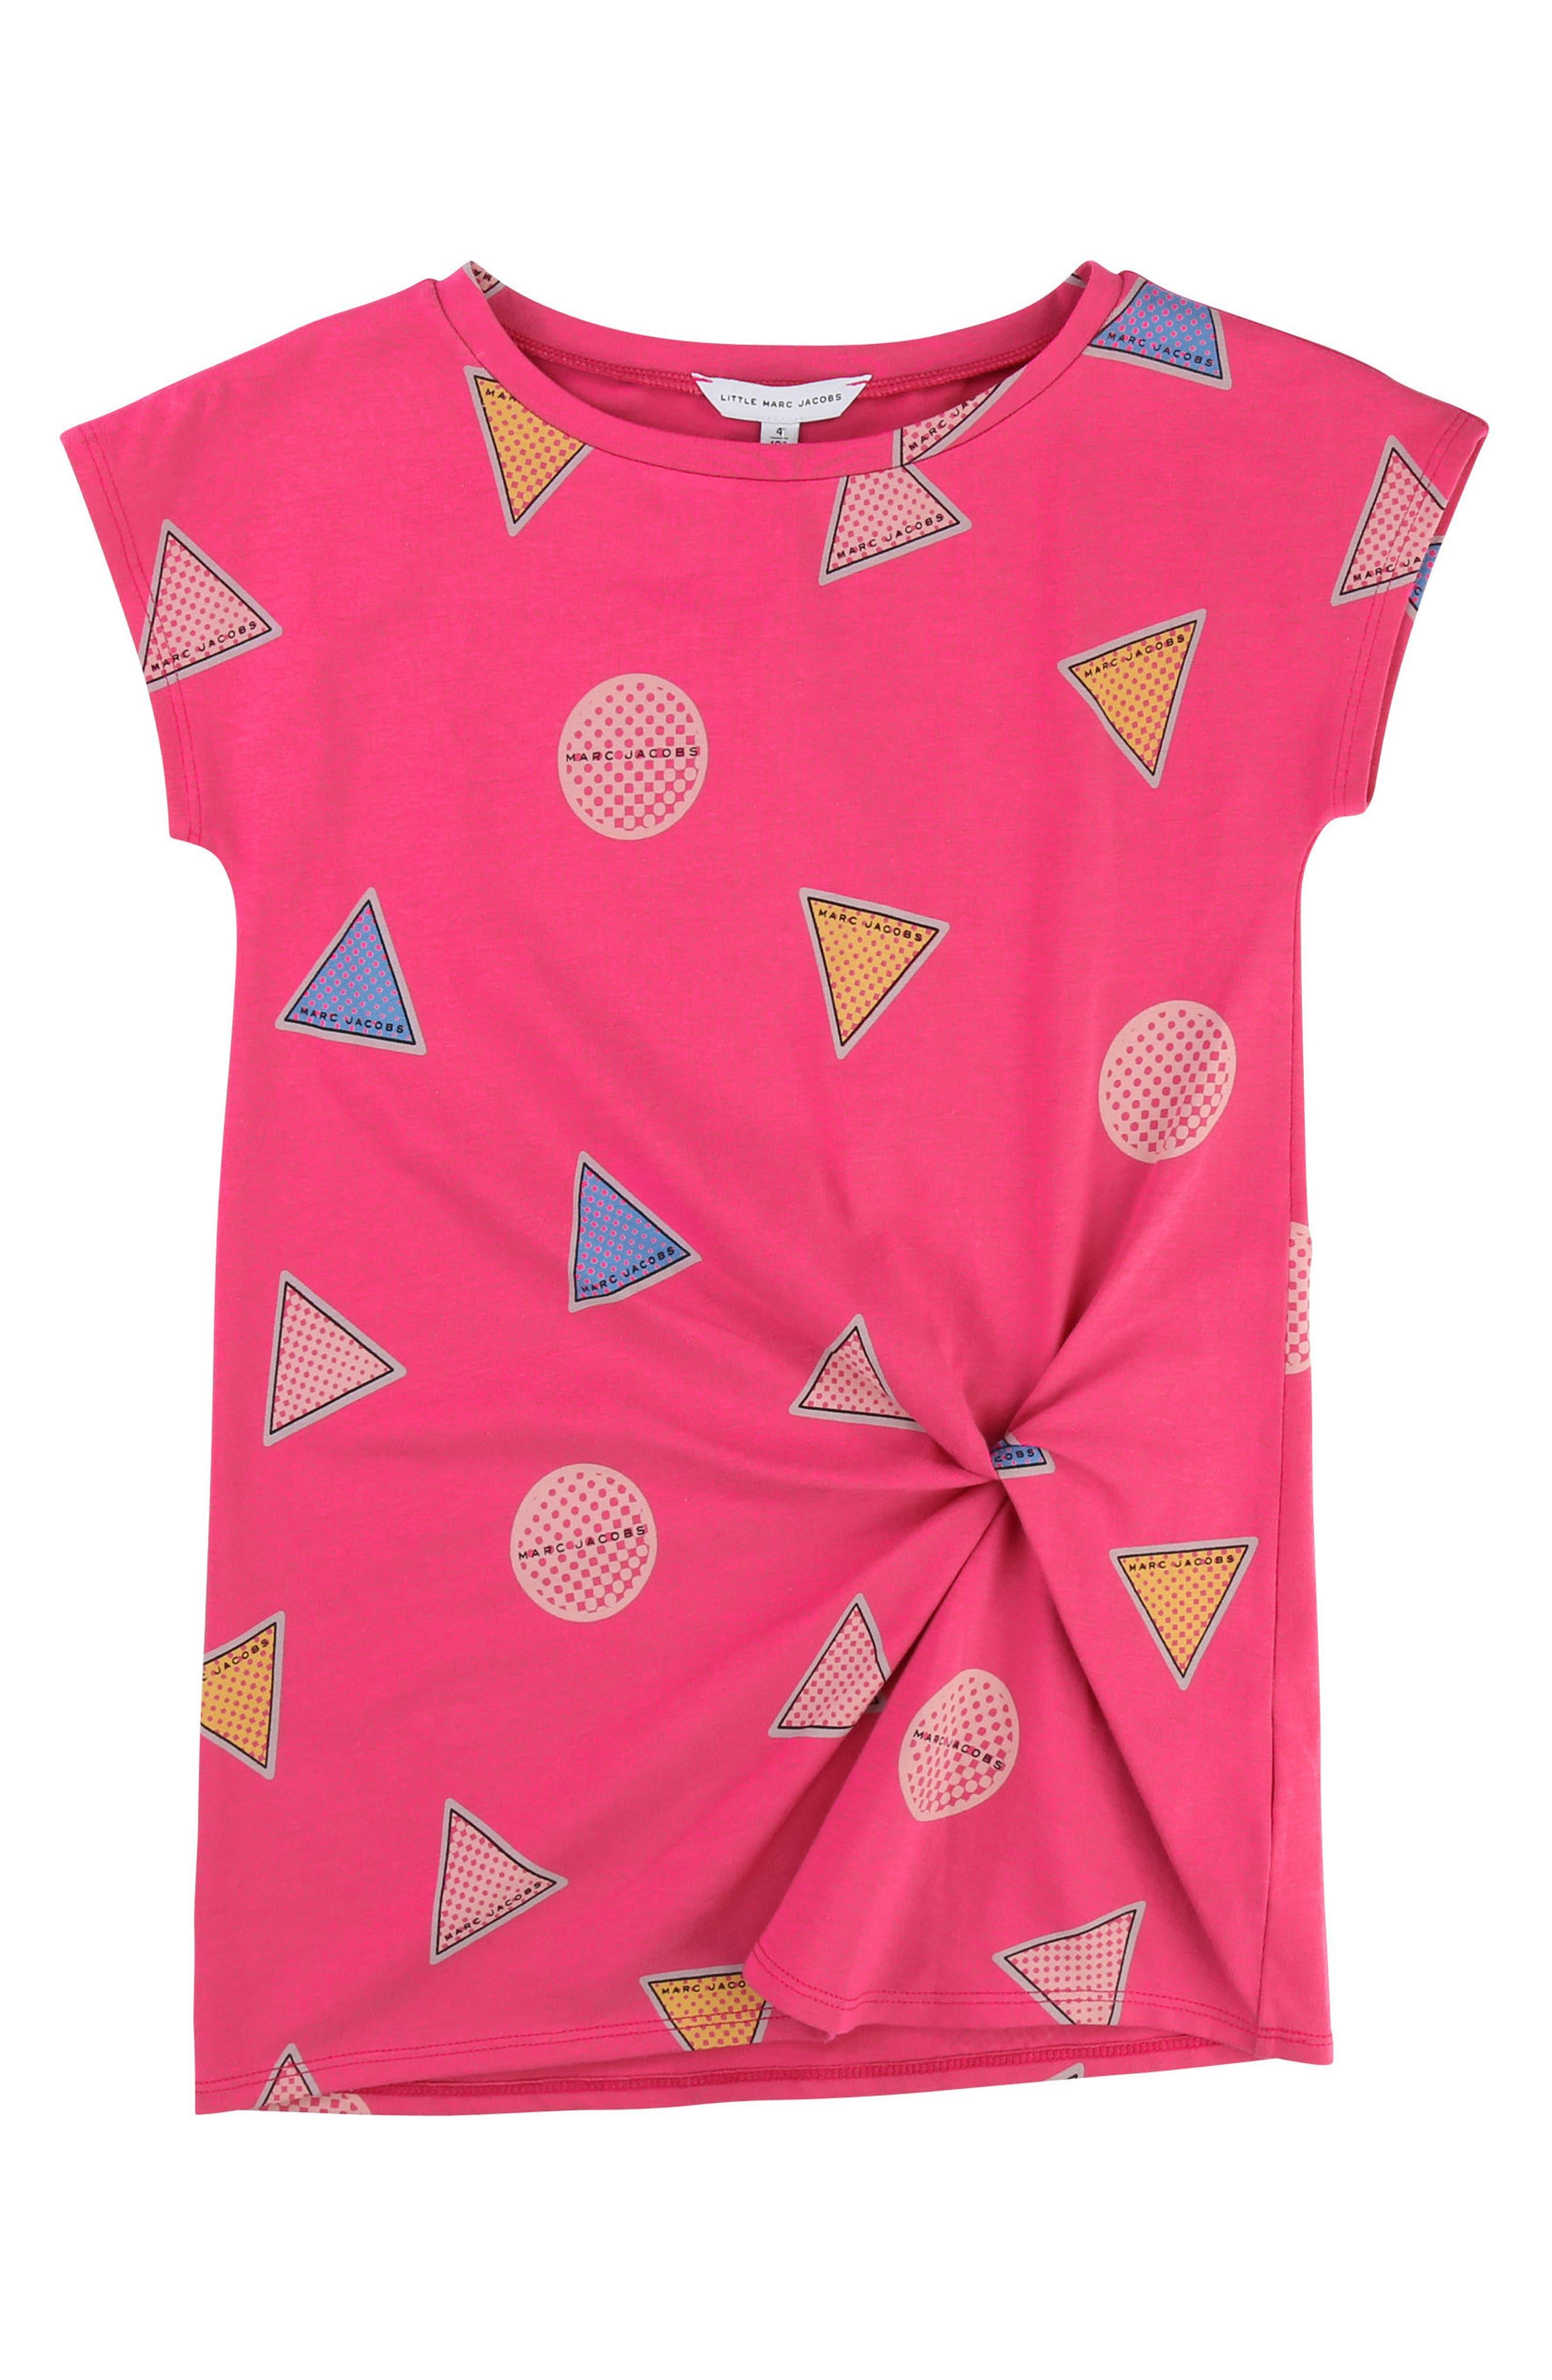 LITTLE MARC JACOBS T-Shirt Dress